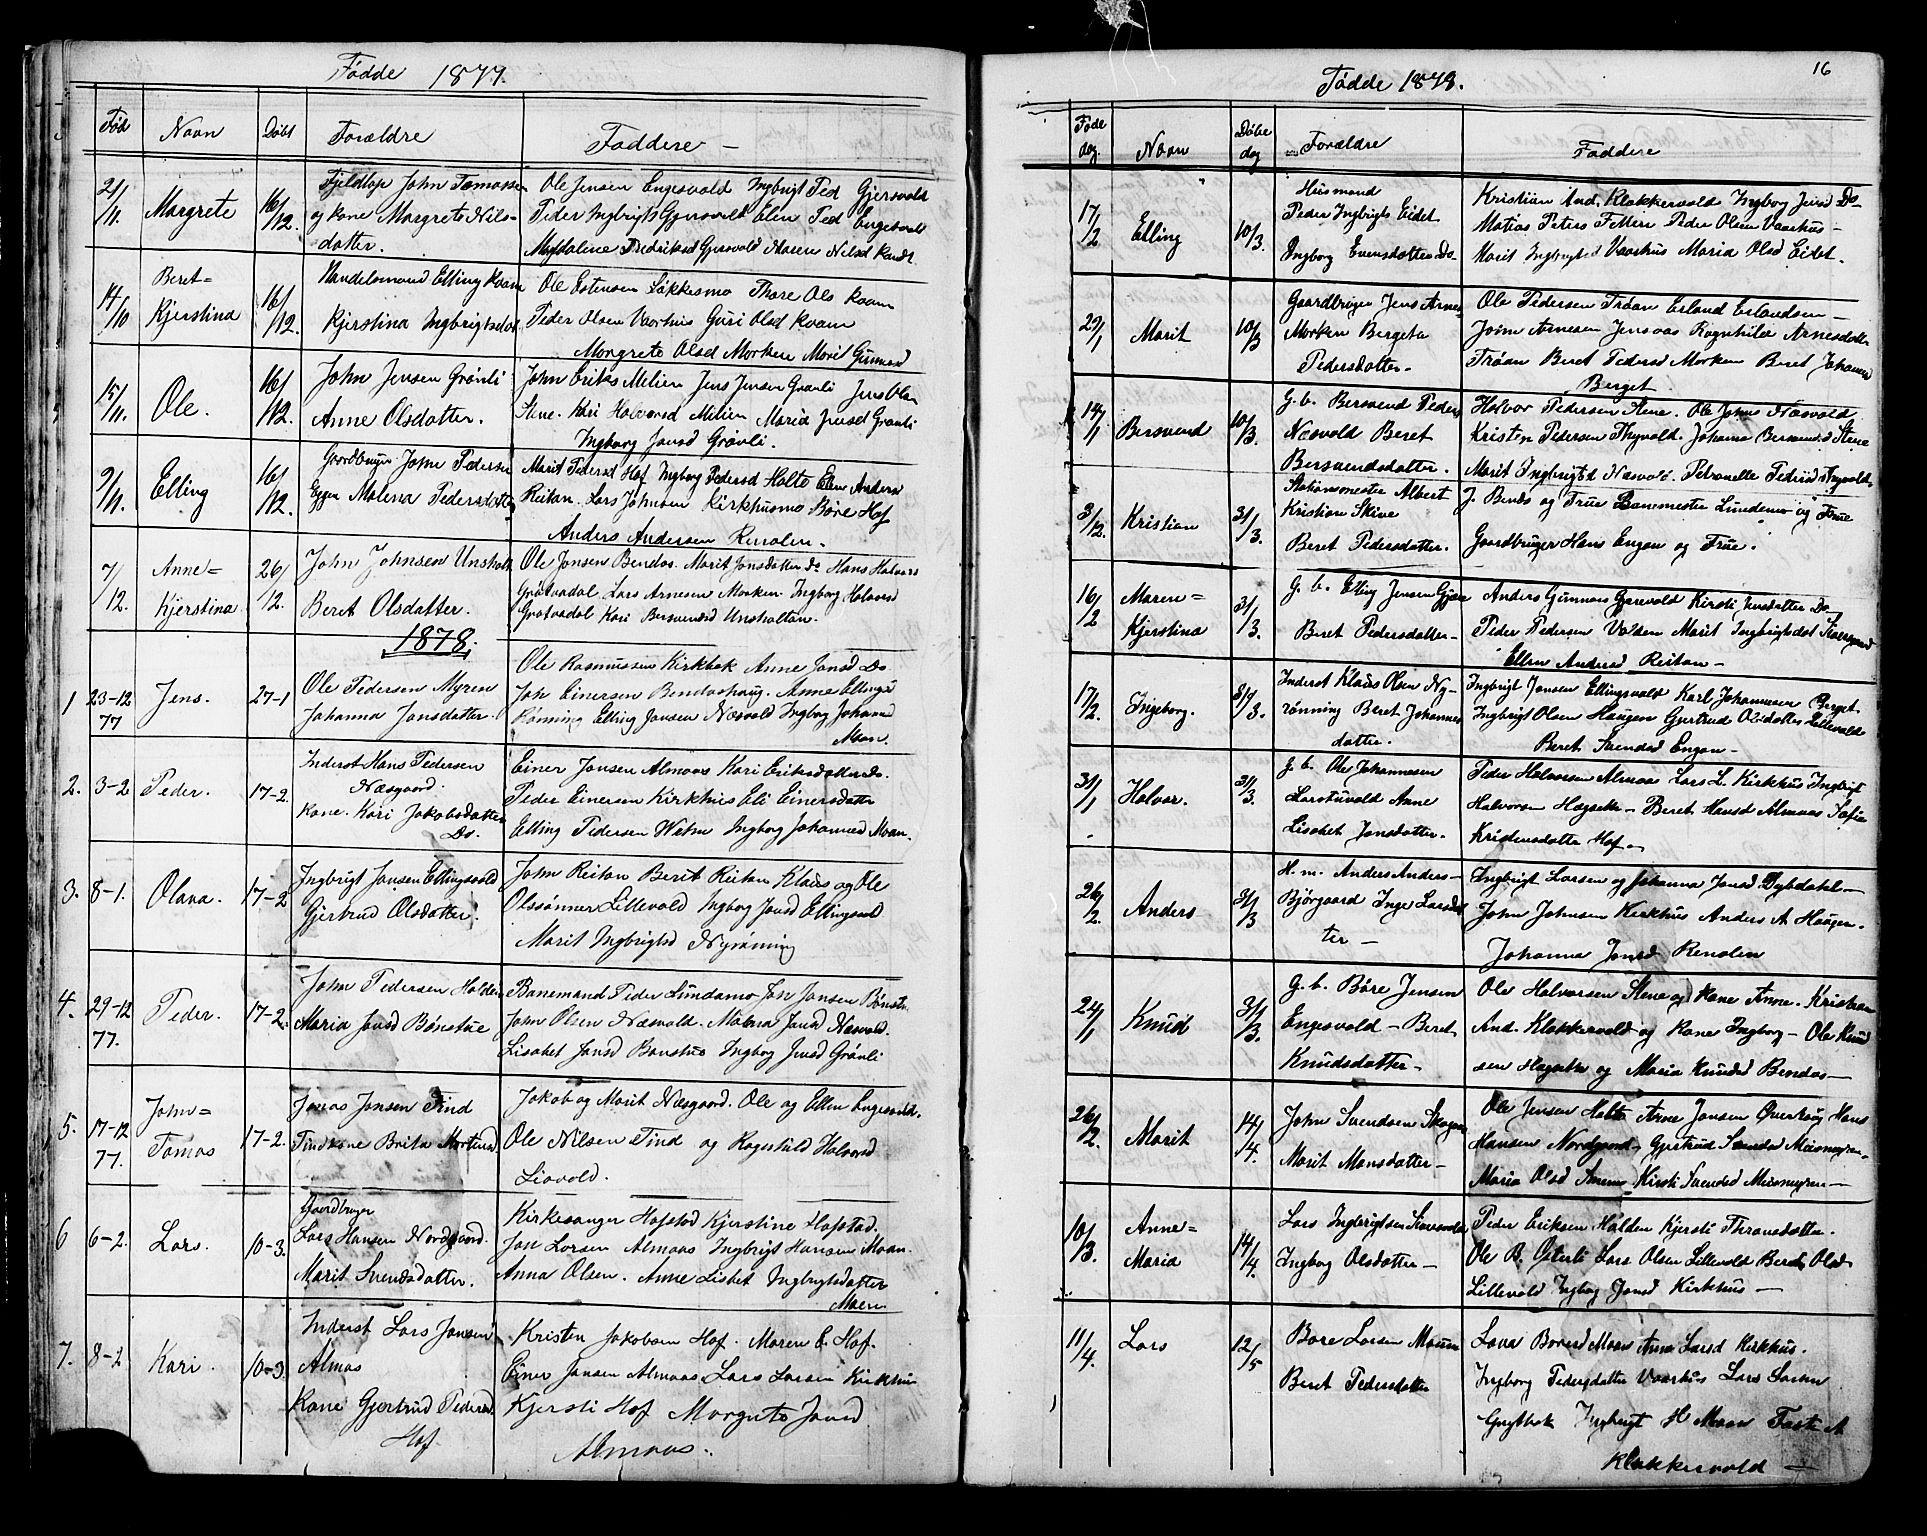 SAT, Ministerialprotokoller, klokkerbøker og fødselsregistre - Sør-Trøndelag, 686/L0985: Klokkerbok nr. 686C01, 1871-1933, s. 16